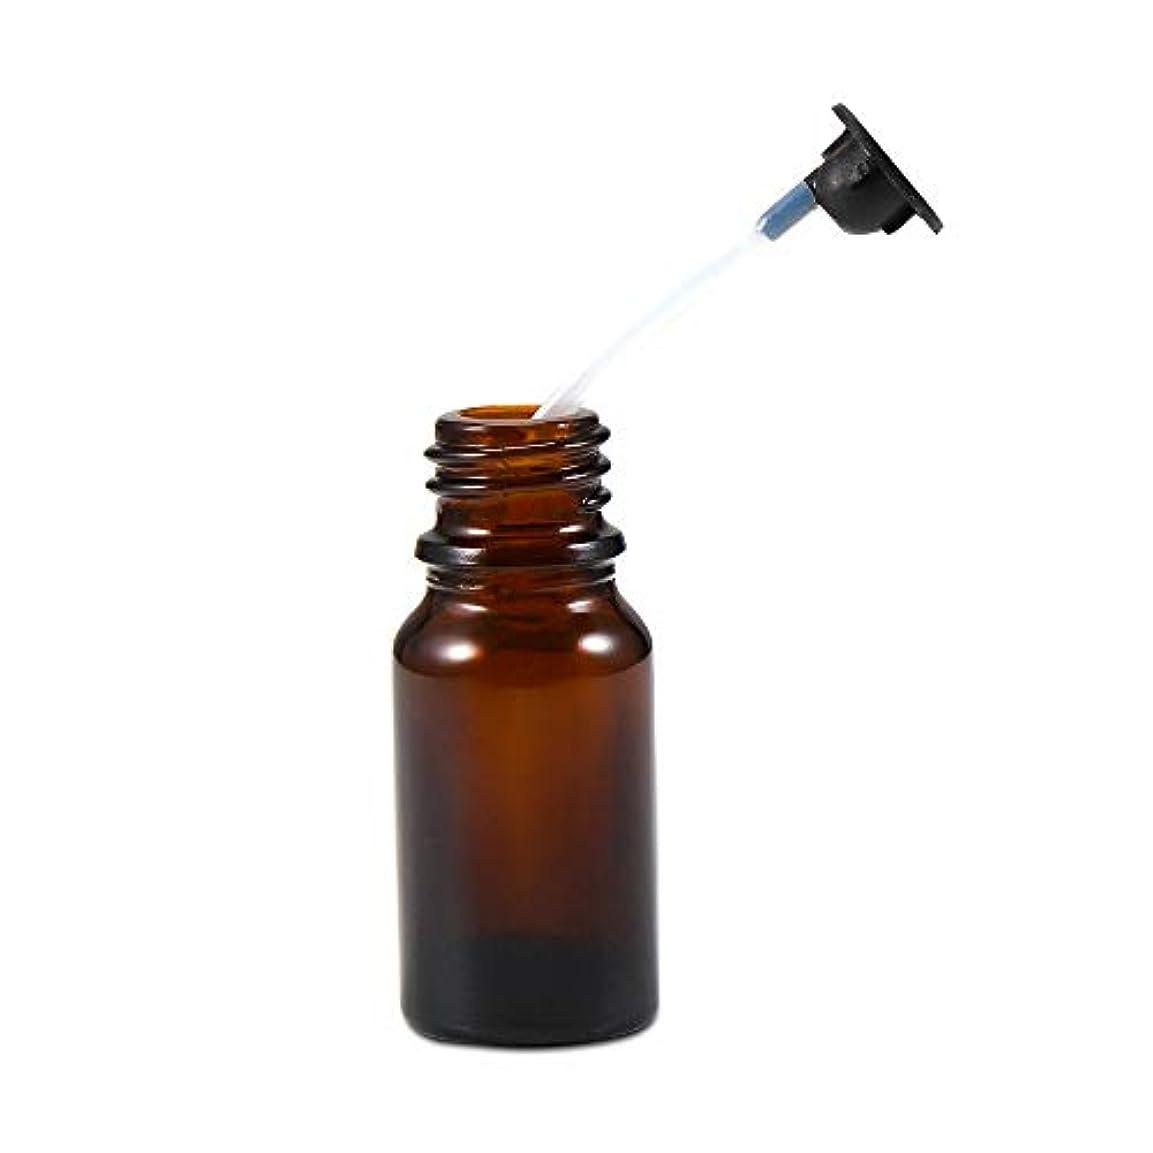 文法マーチャンダイザーレンドCaseceo エッセンシャルオイル ボトルとノズル 交換用 アクセサリー 数量1